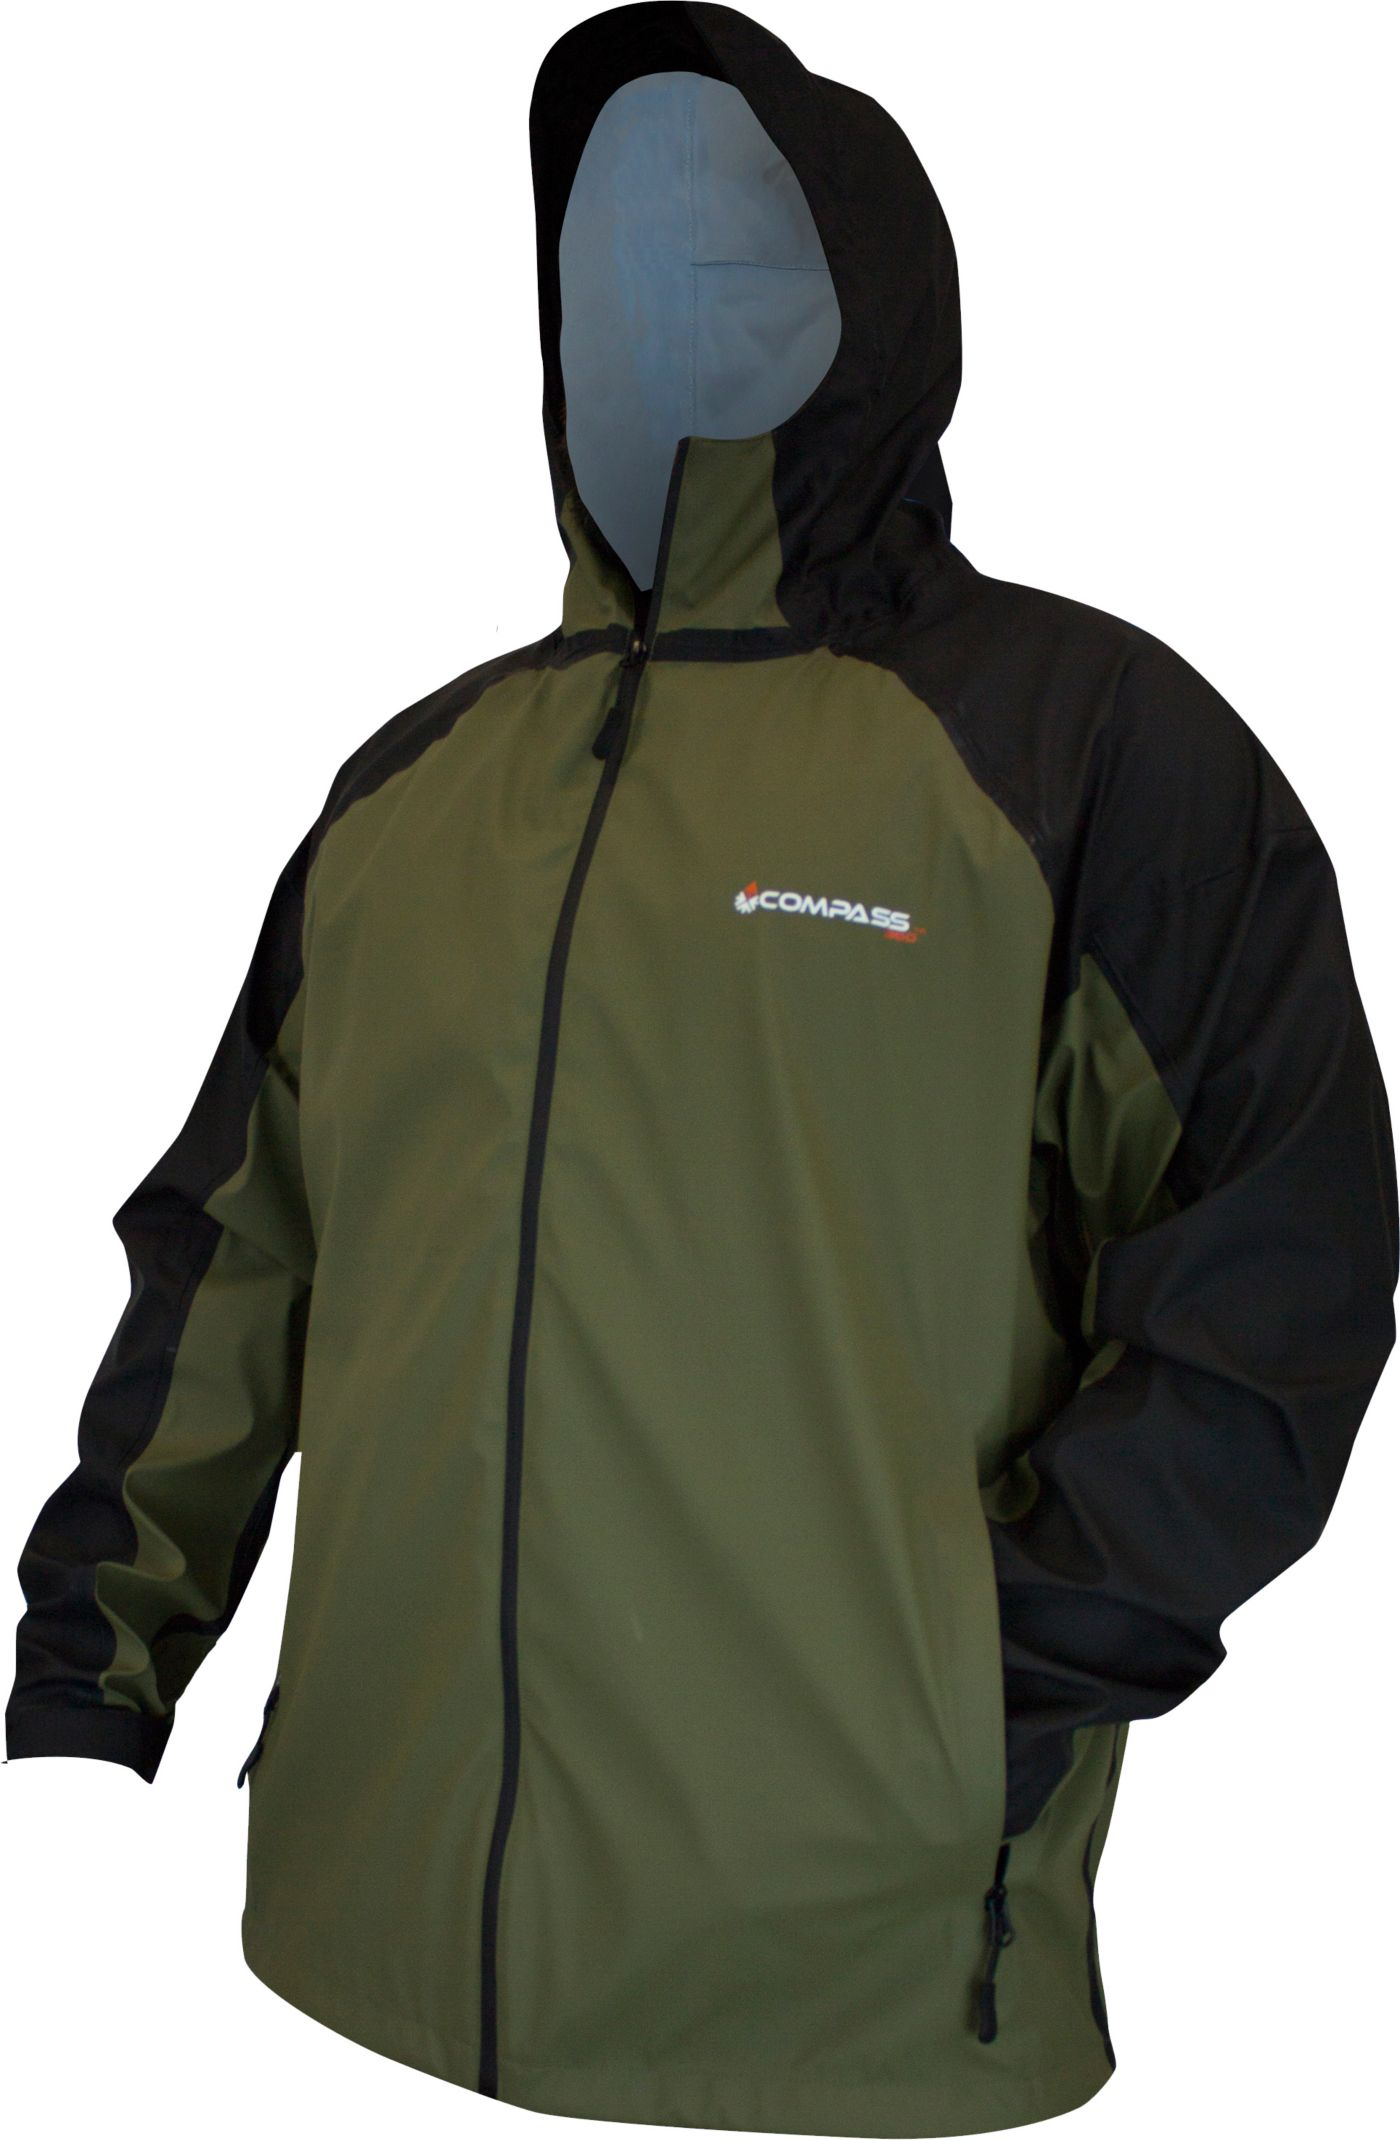 Compass 360 Men's PILOT POINT Jacket